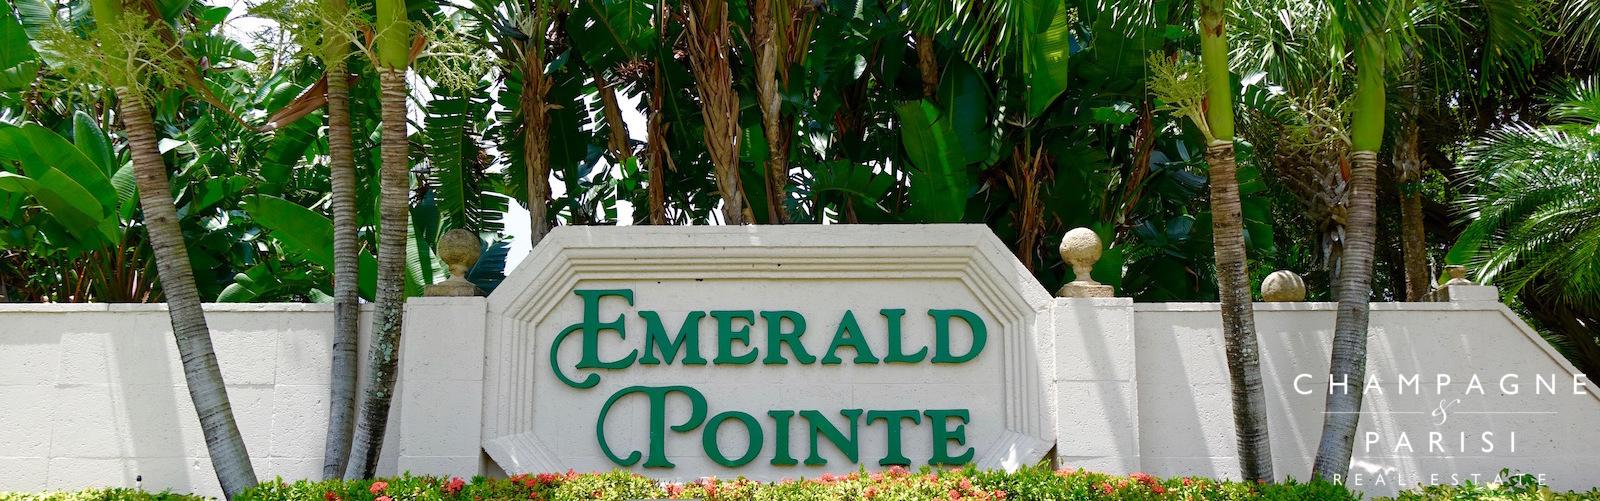 emerald ponte condos